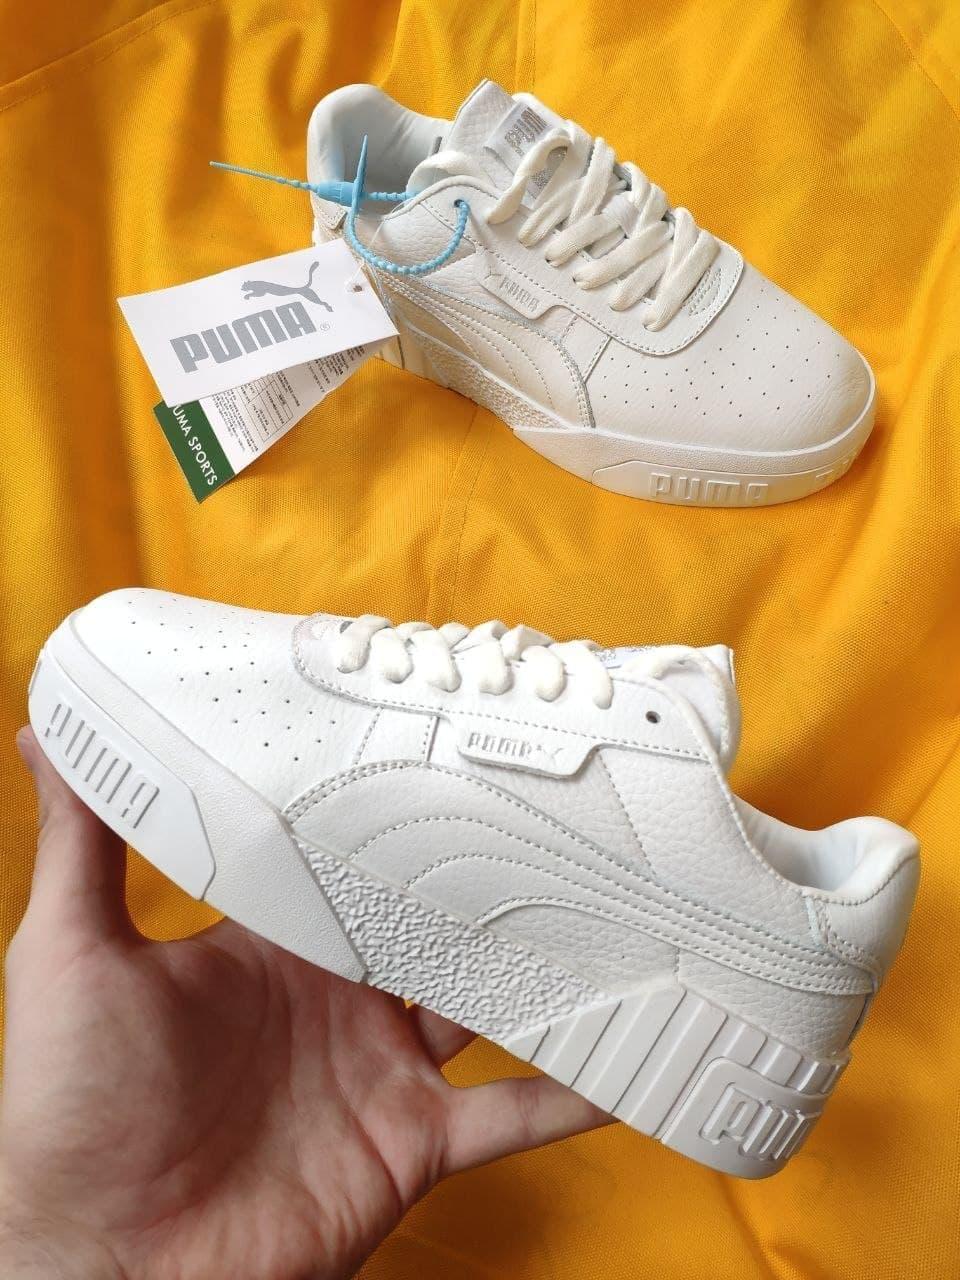 Женские кроссовки Puma cali (Белые) D107 спортивные демисезонные кеды для девушек